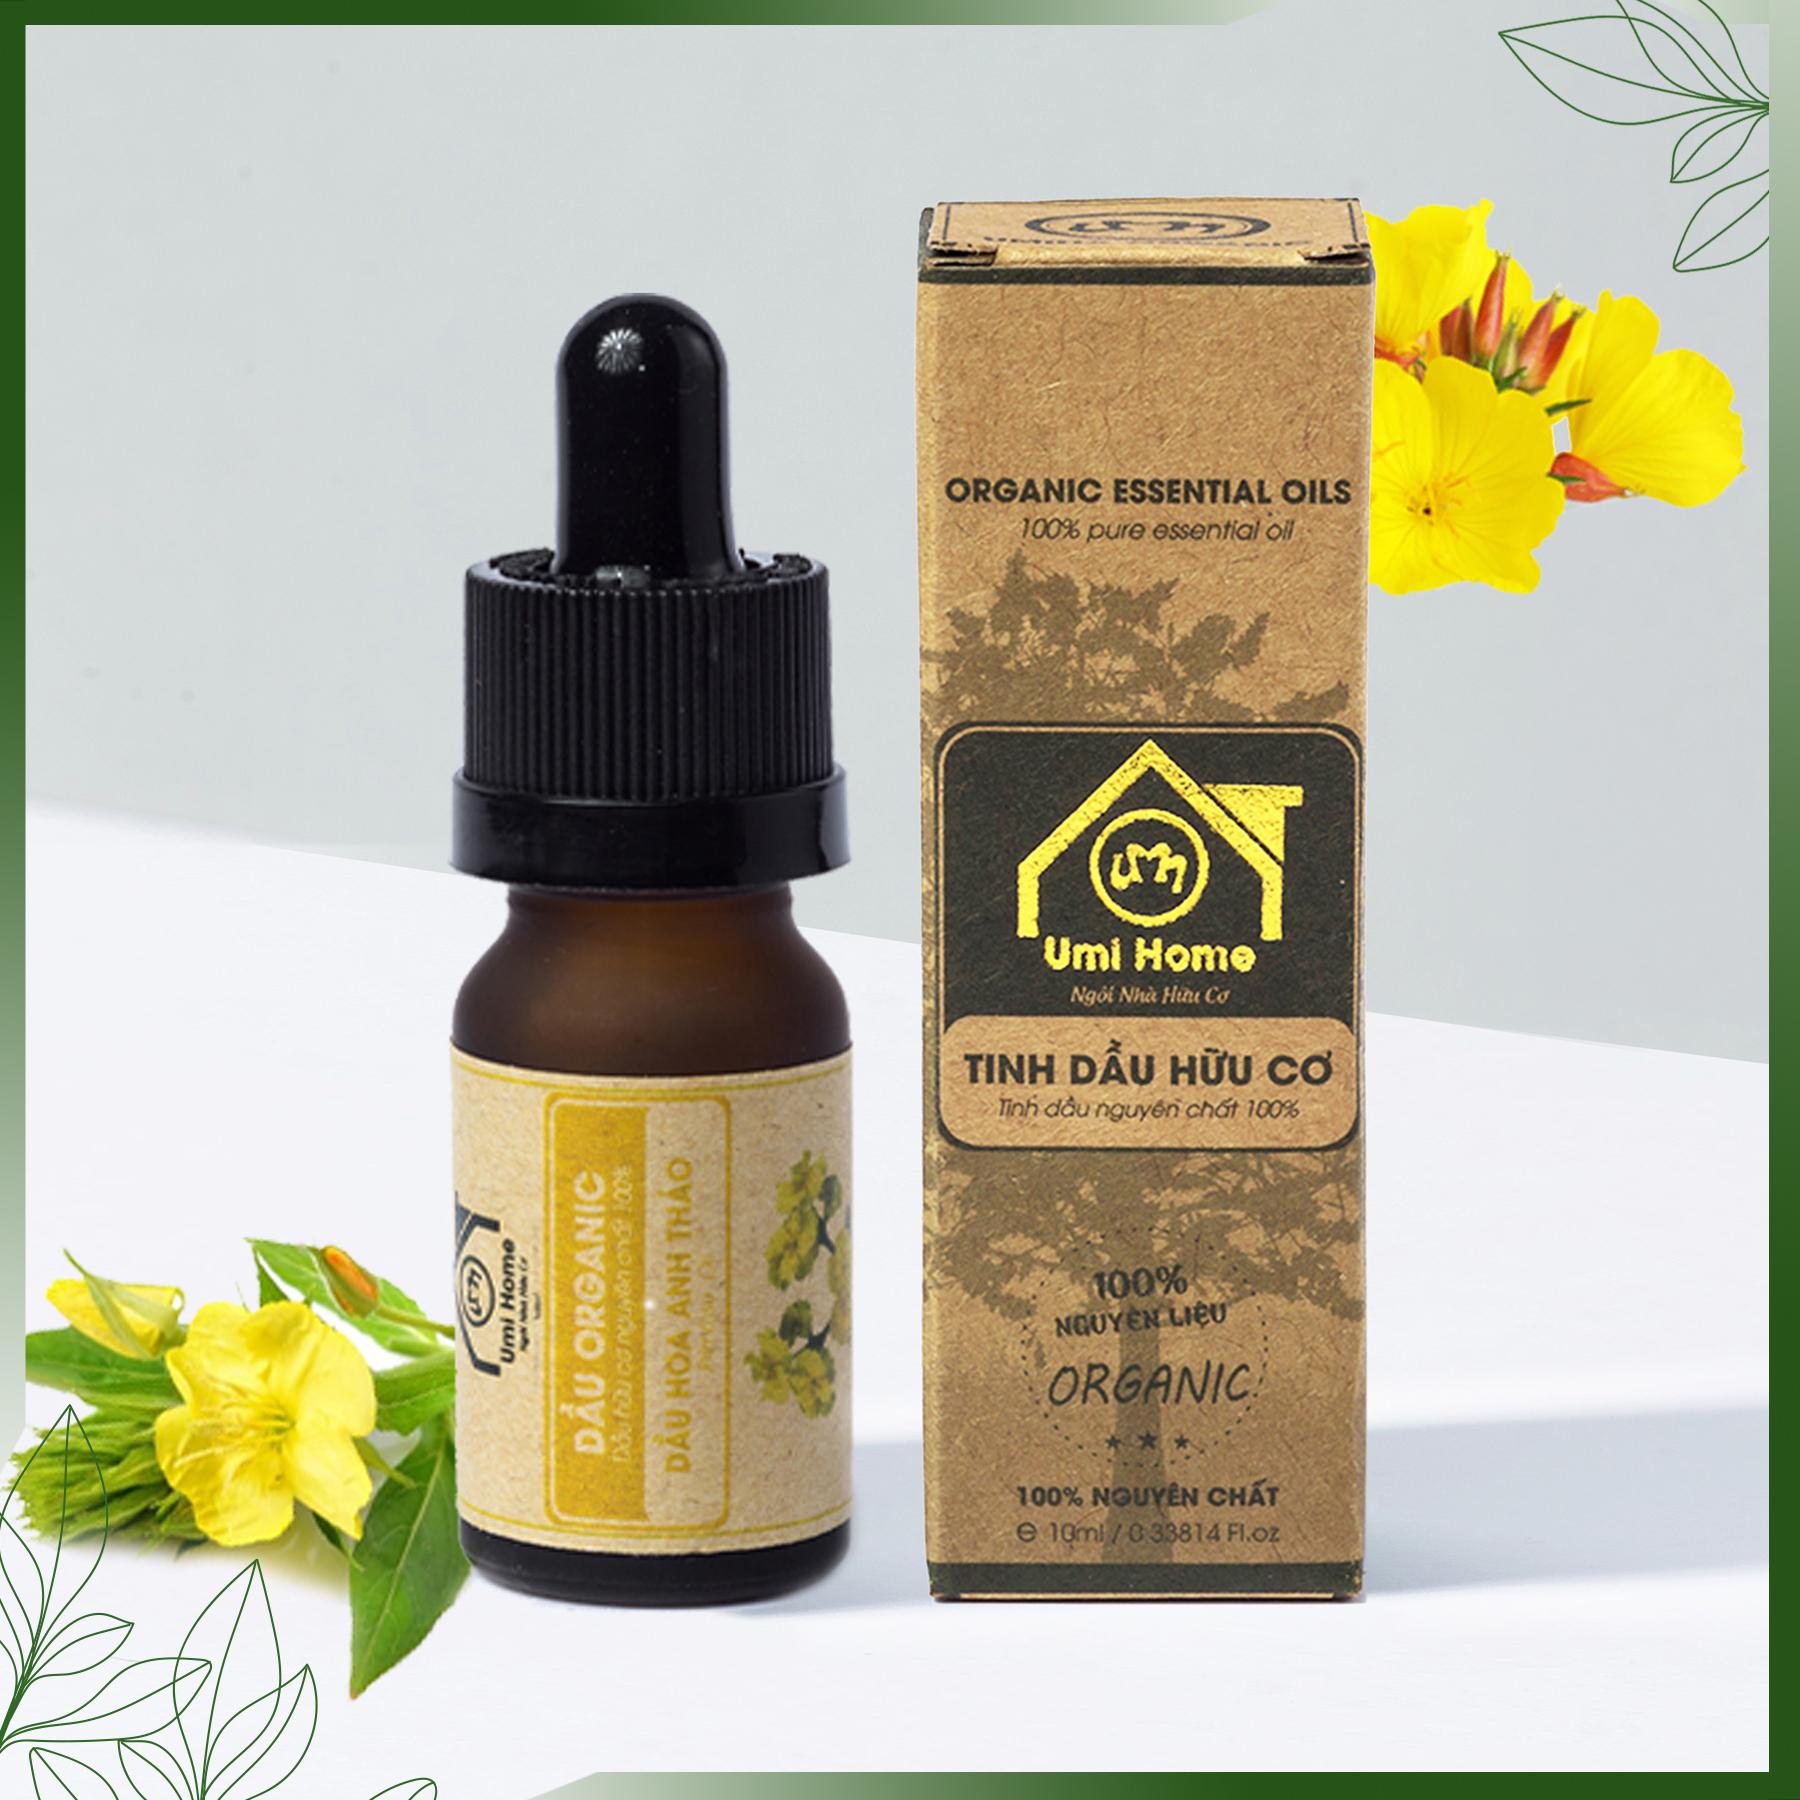 Dầu Hoa Anh Thảo hữu cơ UMIHOME nguyên chất - Evening Primrose oil 10ml